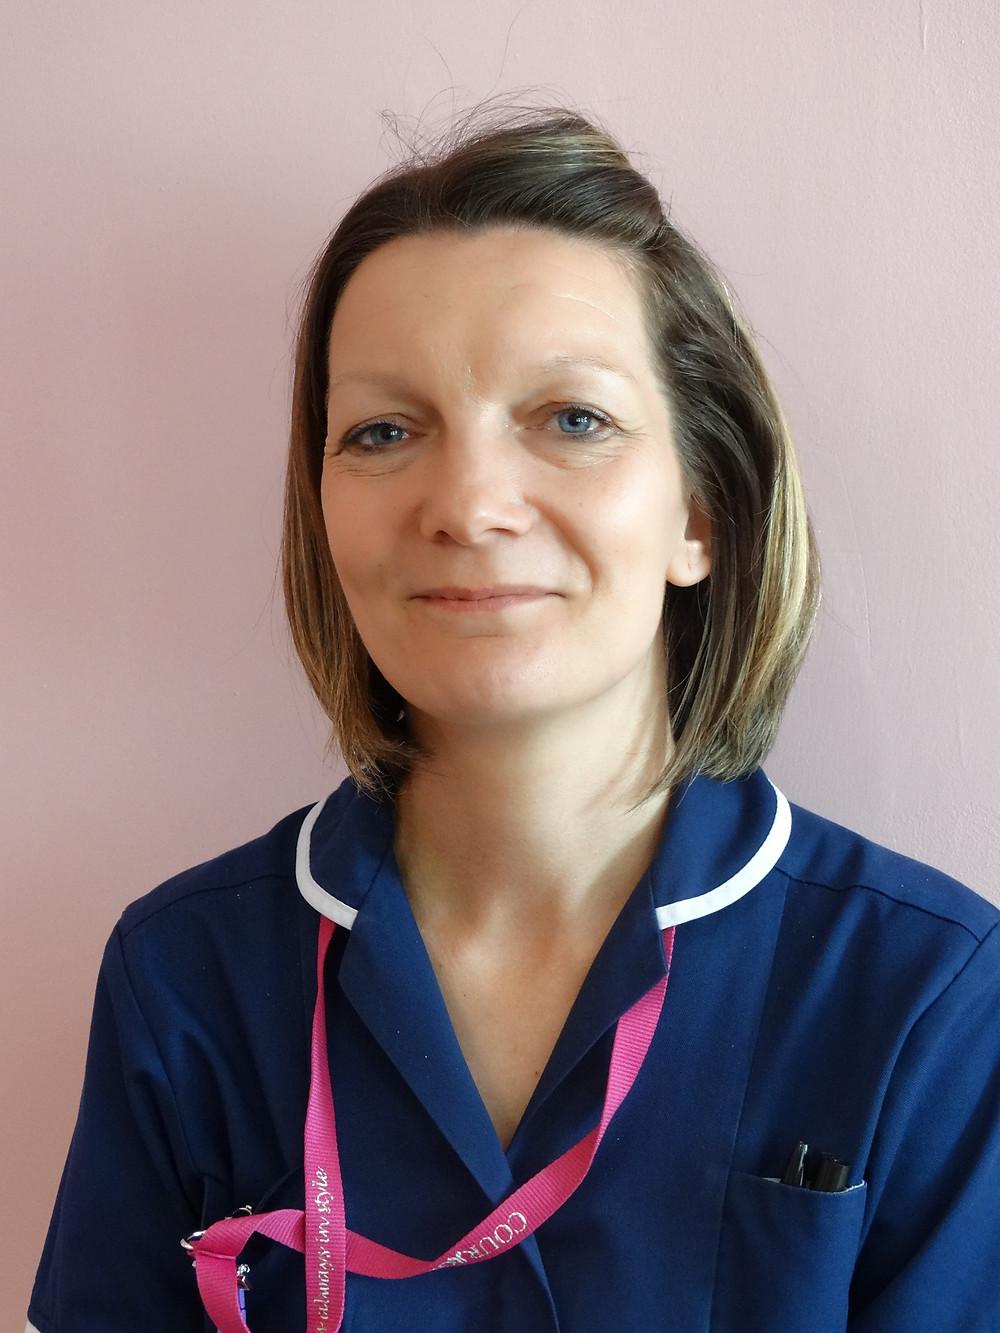 Jane MacArthur, Care Coordination Nurse